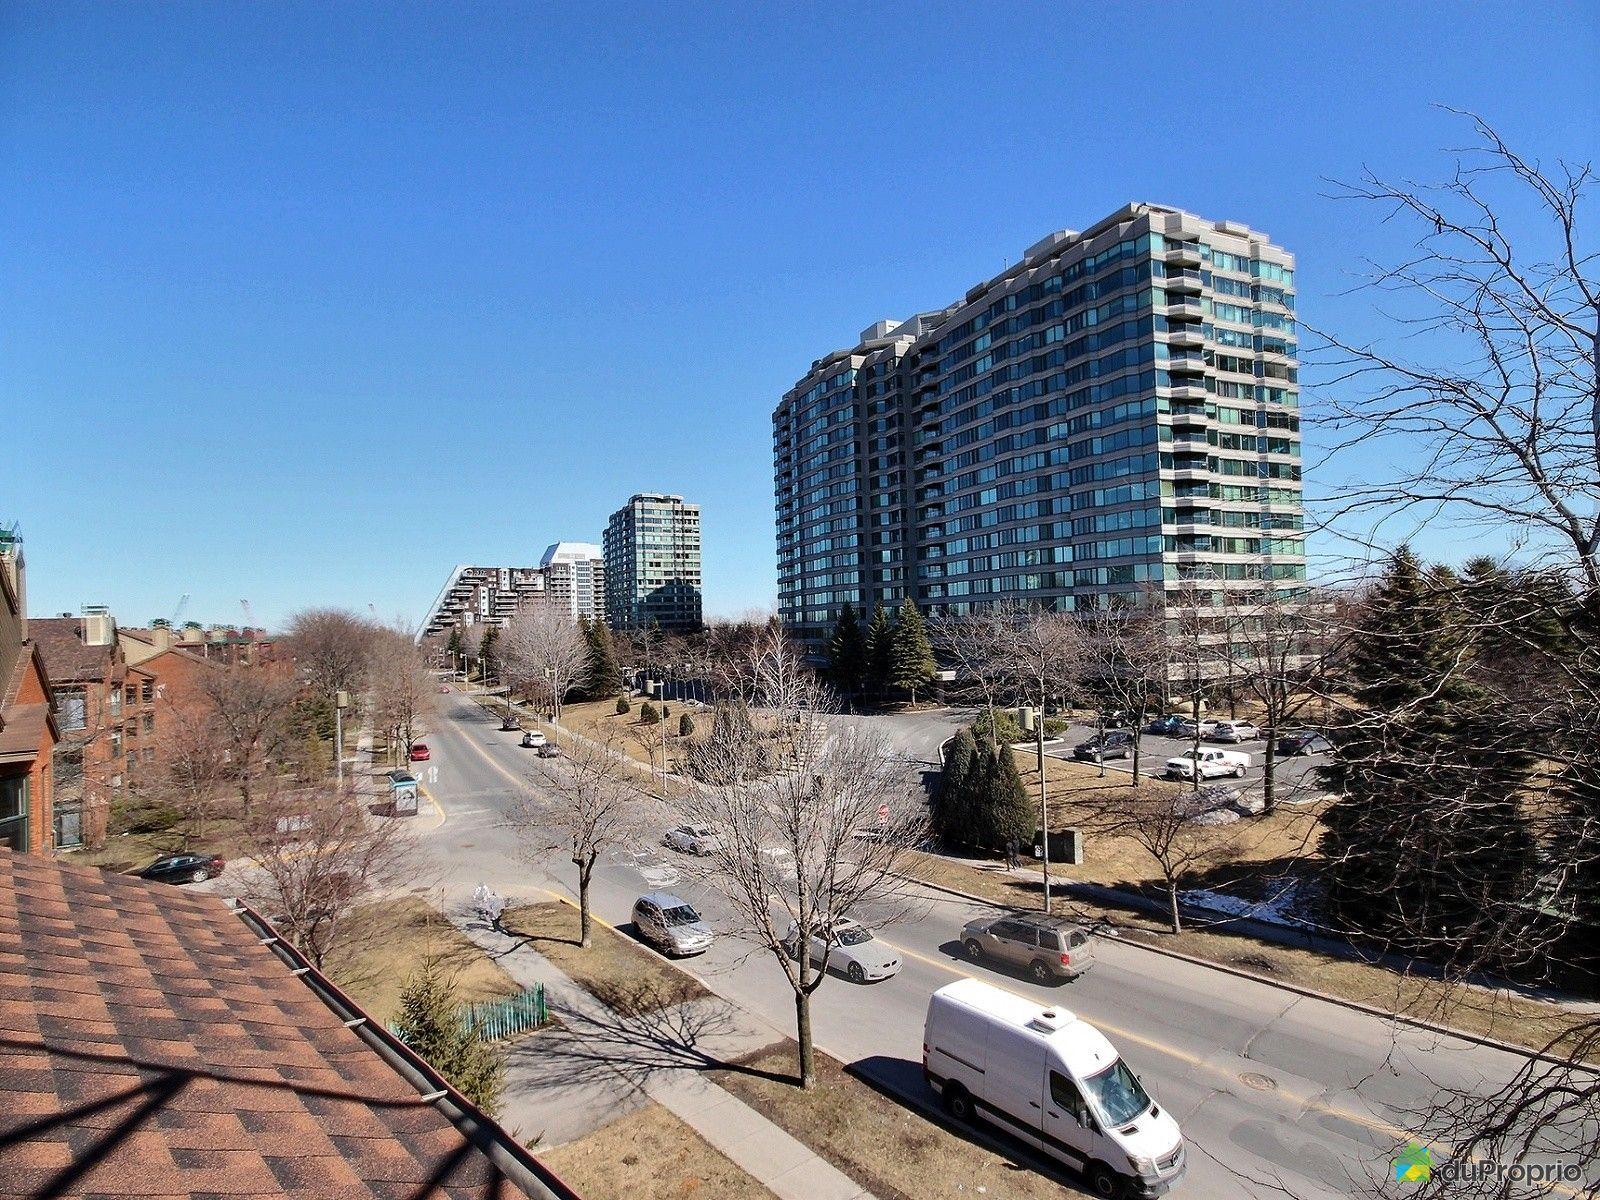 Condo vendre montr al 304 67 rue berlioz immobilier for Academie lafontaine piscine